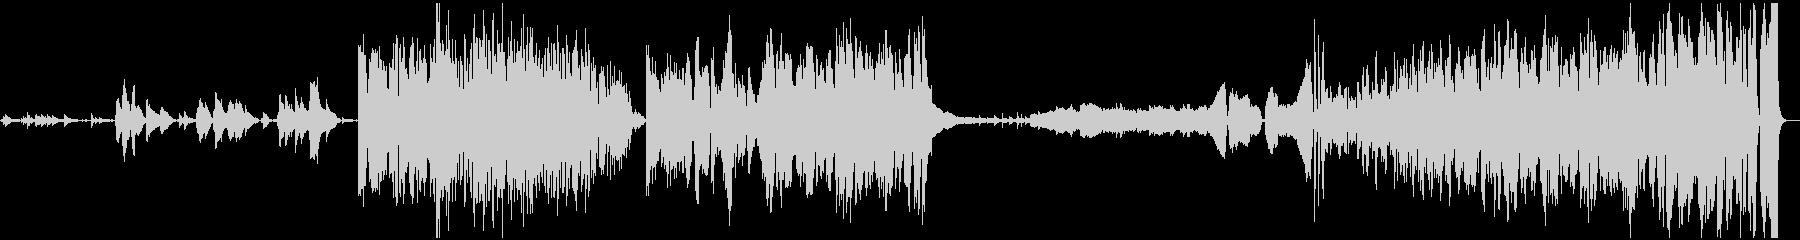 コンテンポラリー。クレッシェンド。の未再生の波形